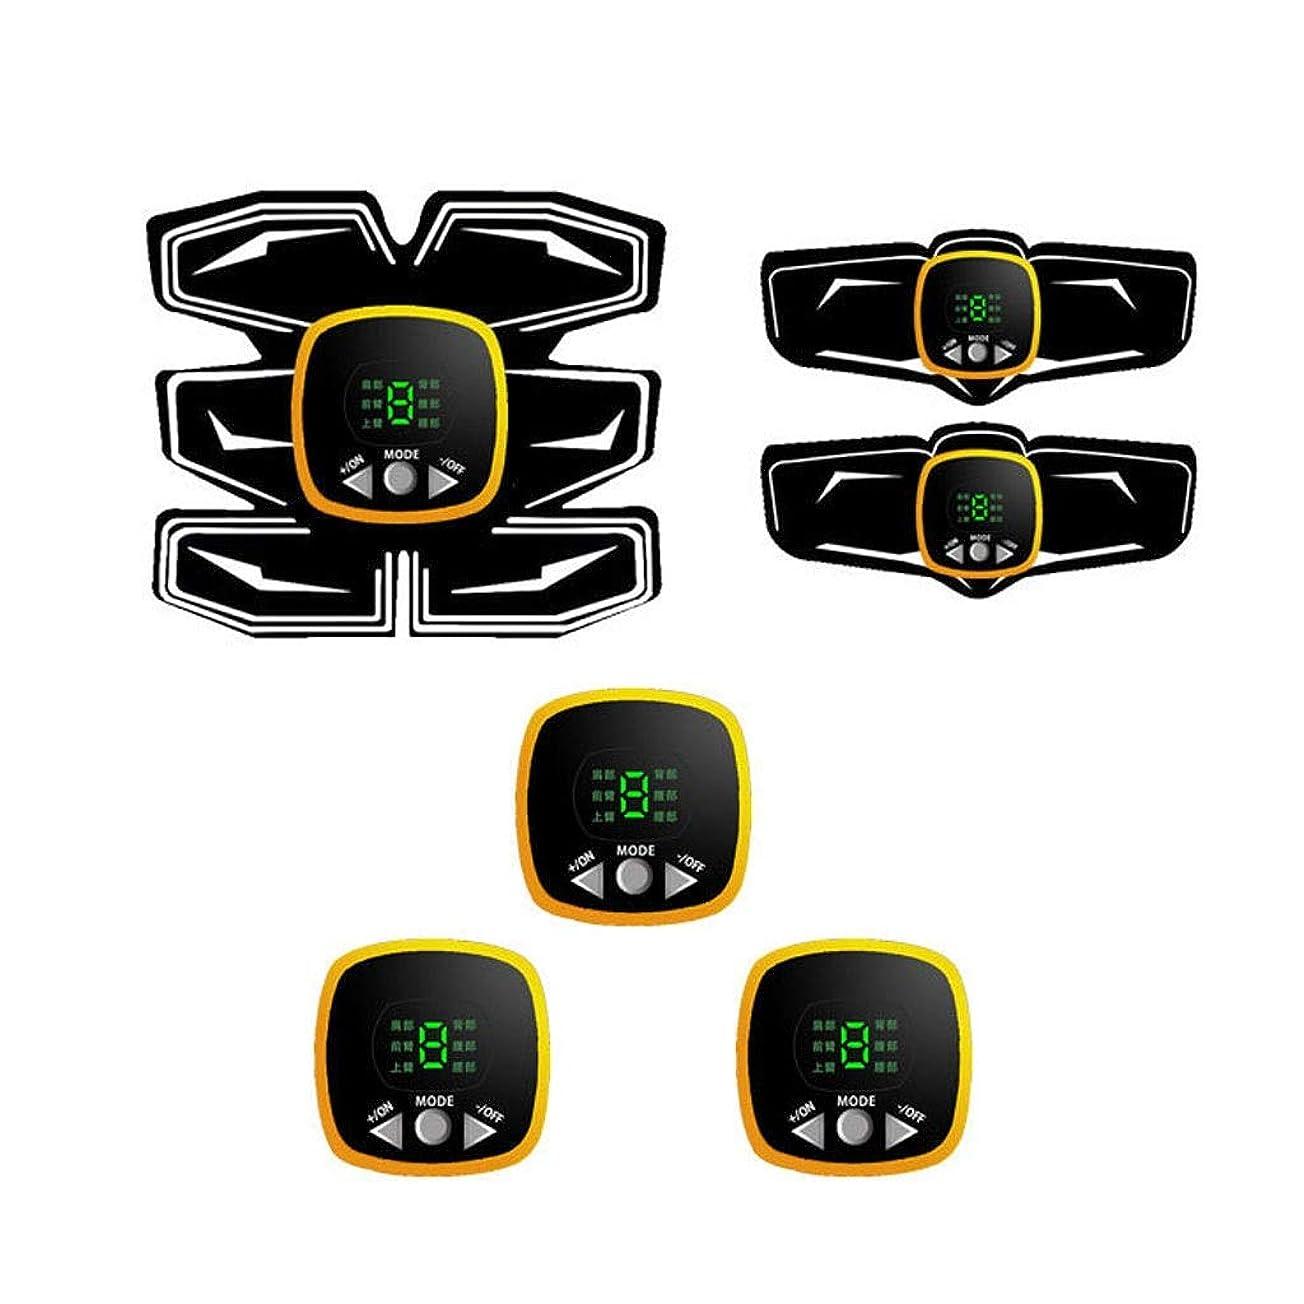 徴収恩恵浮くABSトレーナーEMS腹部電気マッスルスティミュレーターマッスルトナー調色ベルトフィットネストレーニングギアABSエクササイズマシンウエストトレーナーホームトレーニングフィットネス機器 (Color : Yellow)